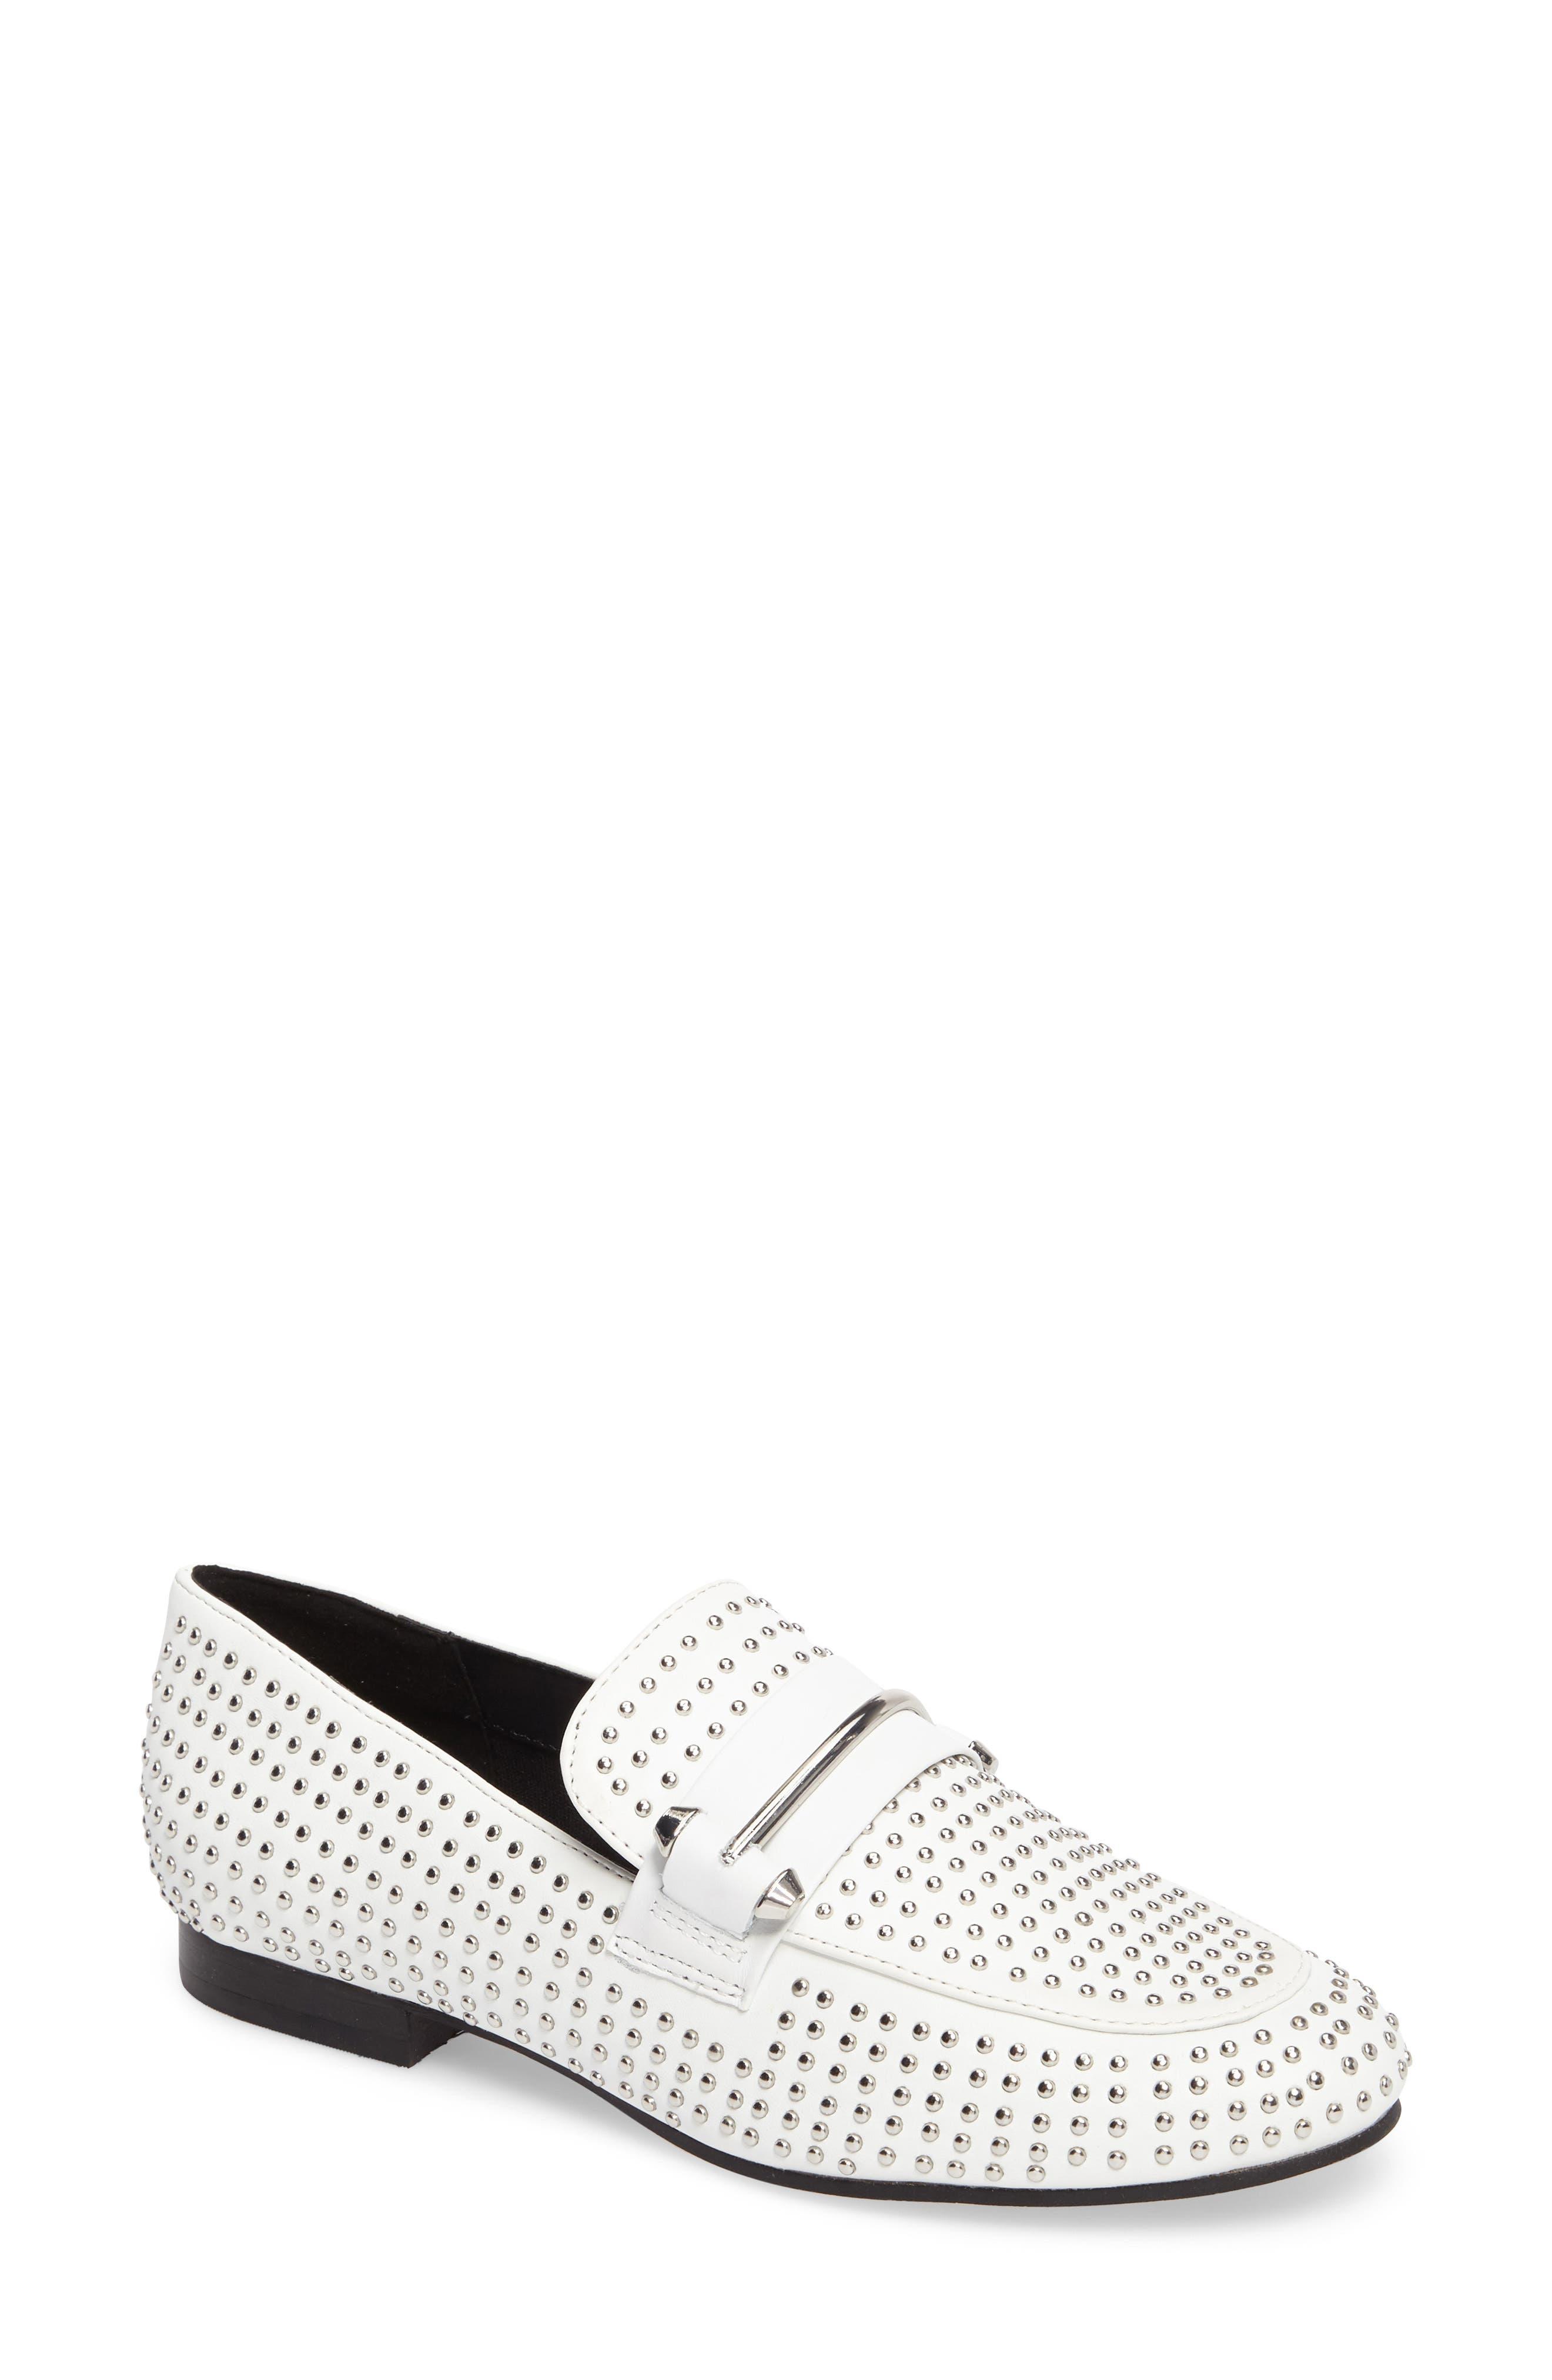 Alternate Image 1 Selected - Steve Madden Kast Studded Loafer (Women)